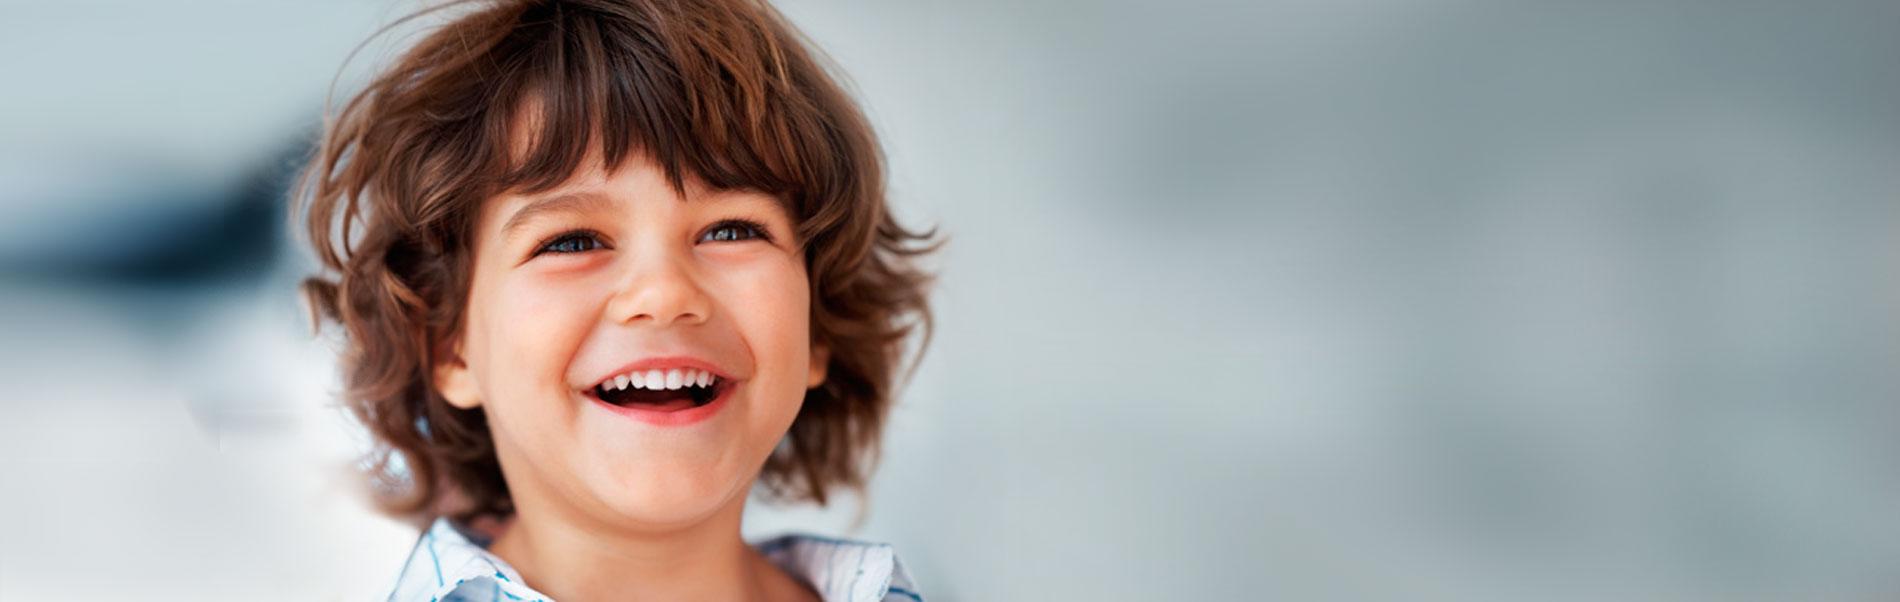 odontopediatri-940x384